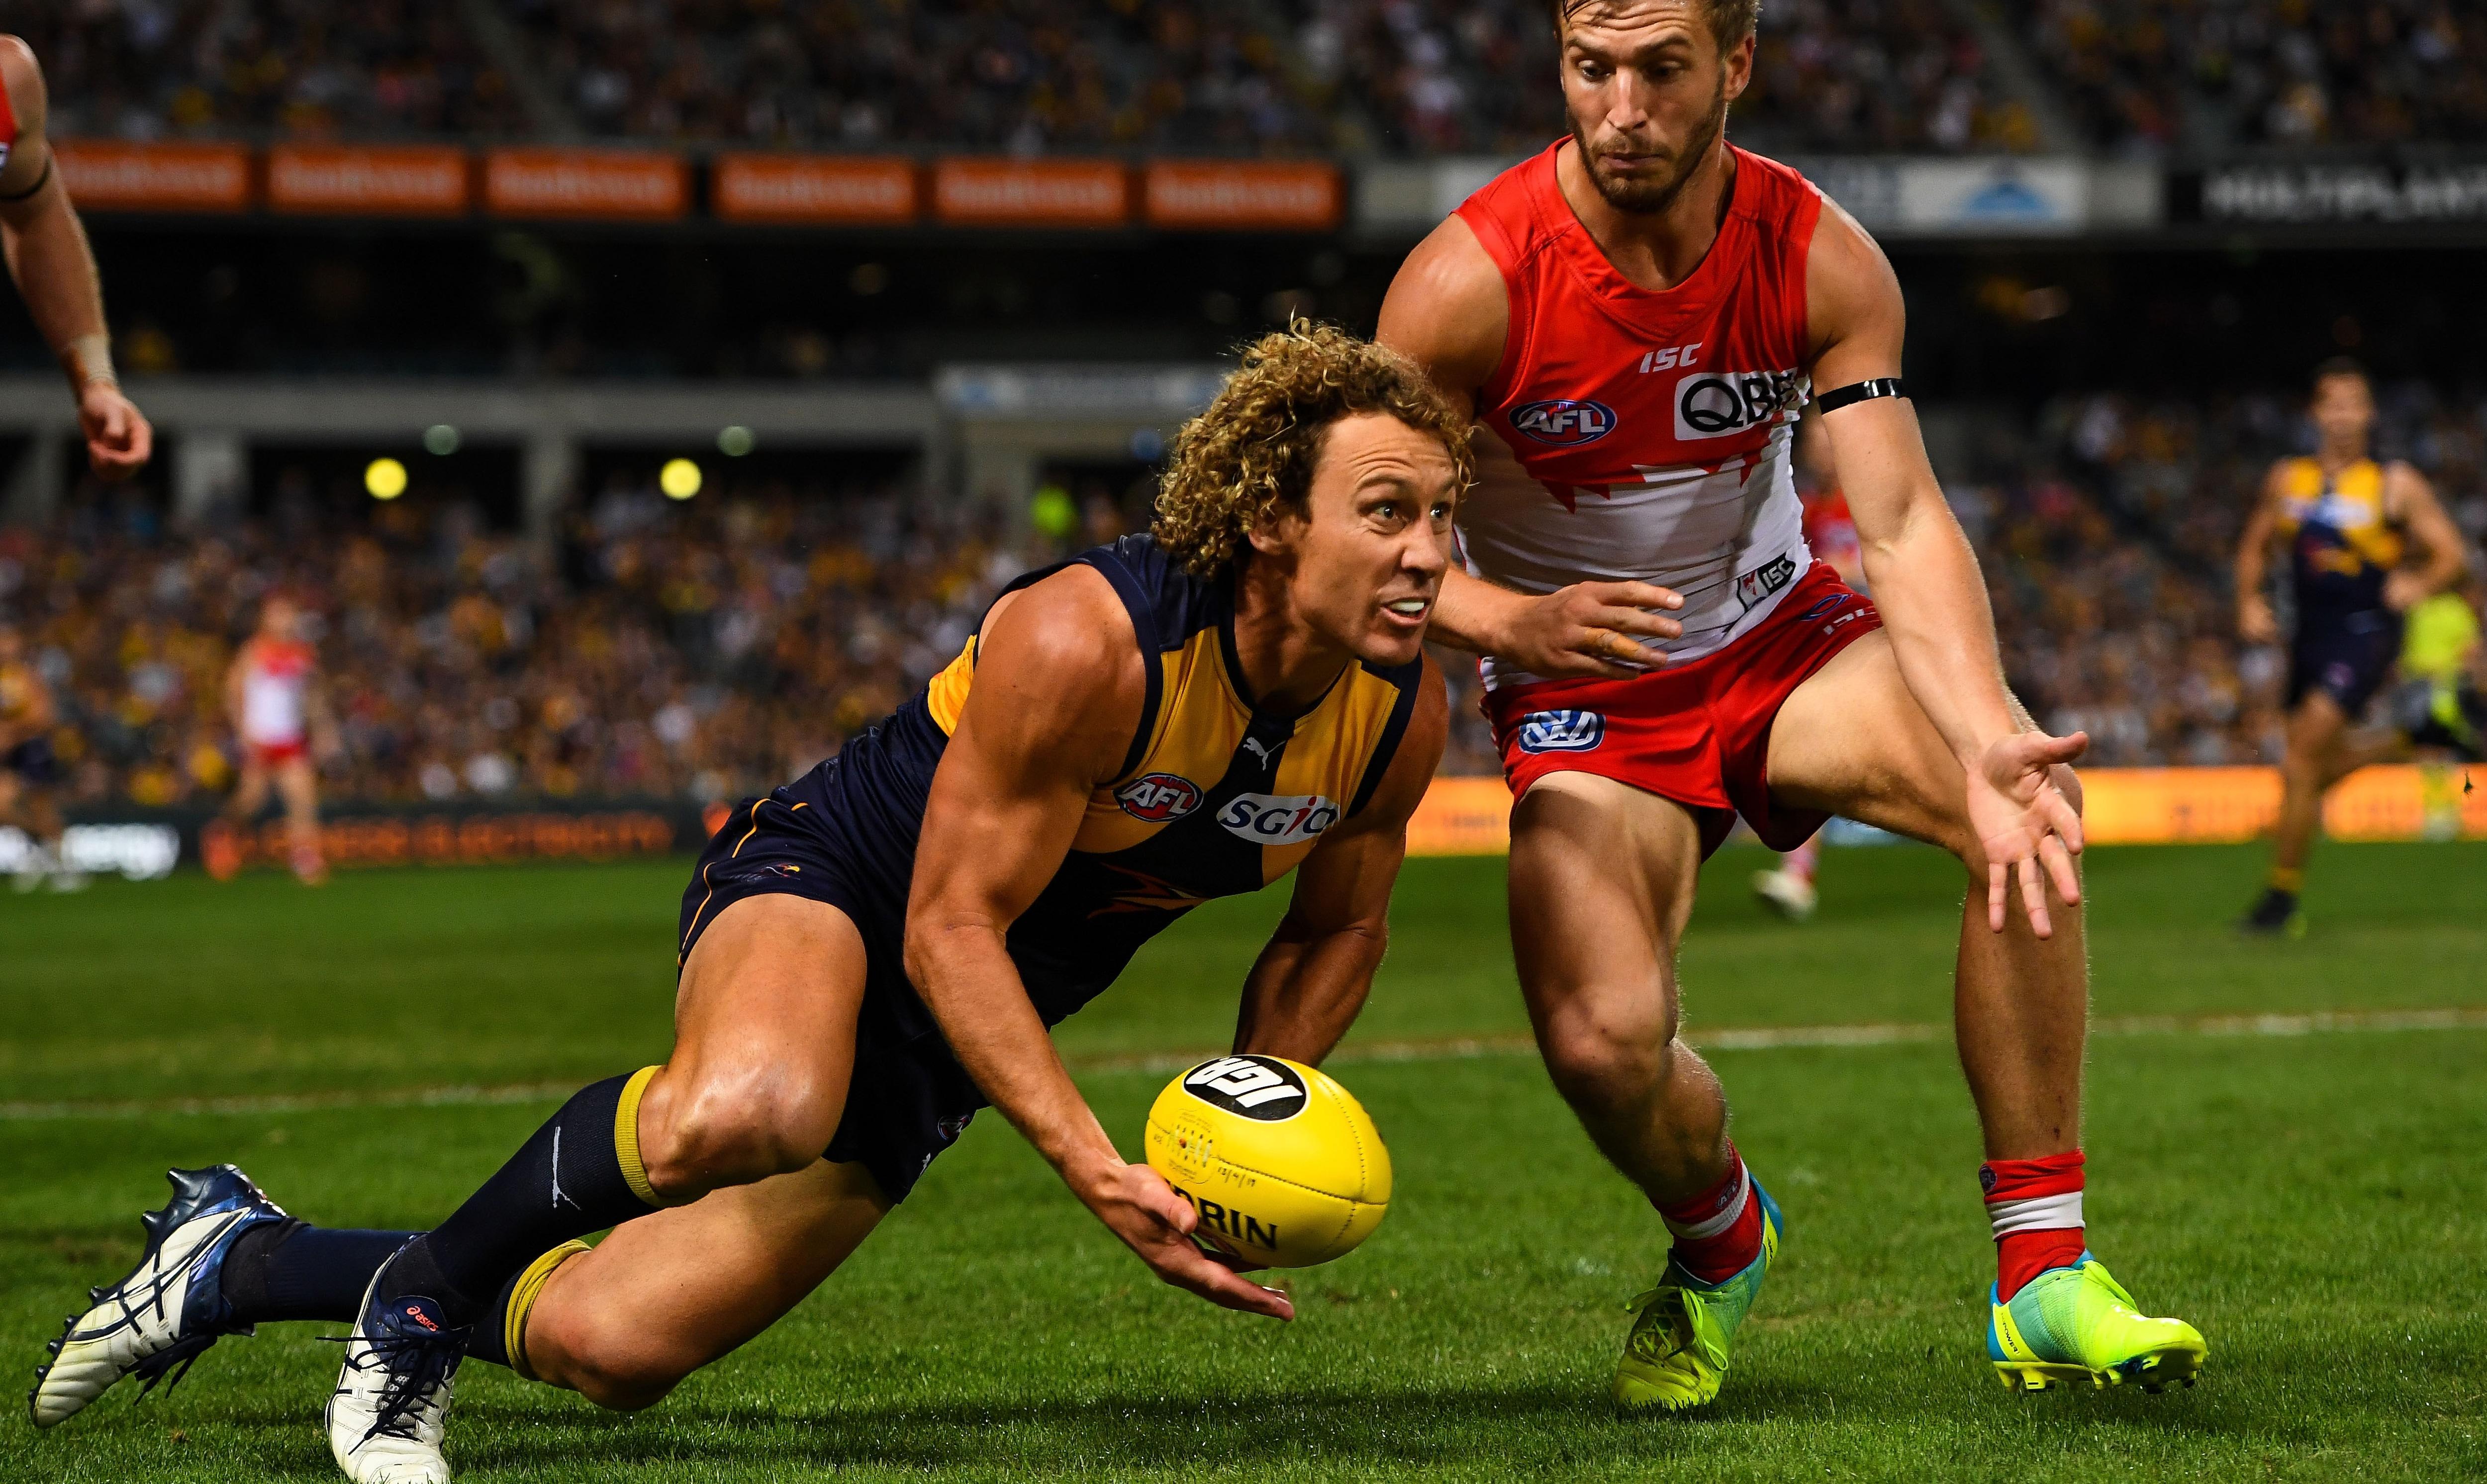 AFL 2017 Round 04 - West Coast v Sydney